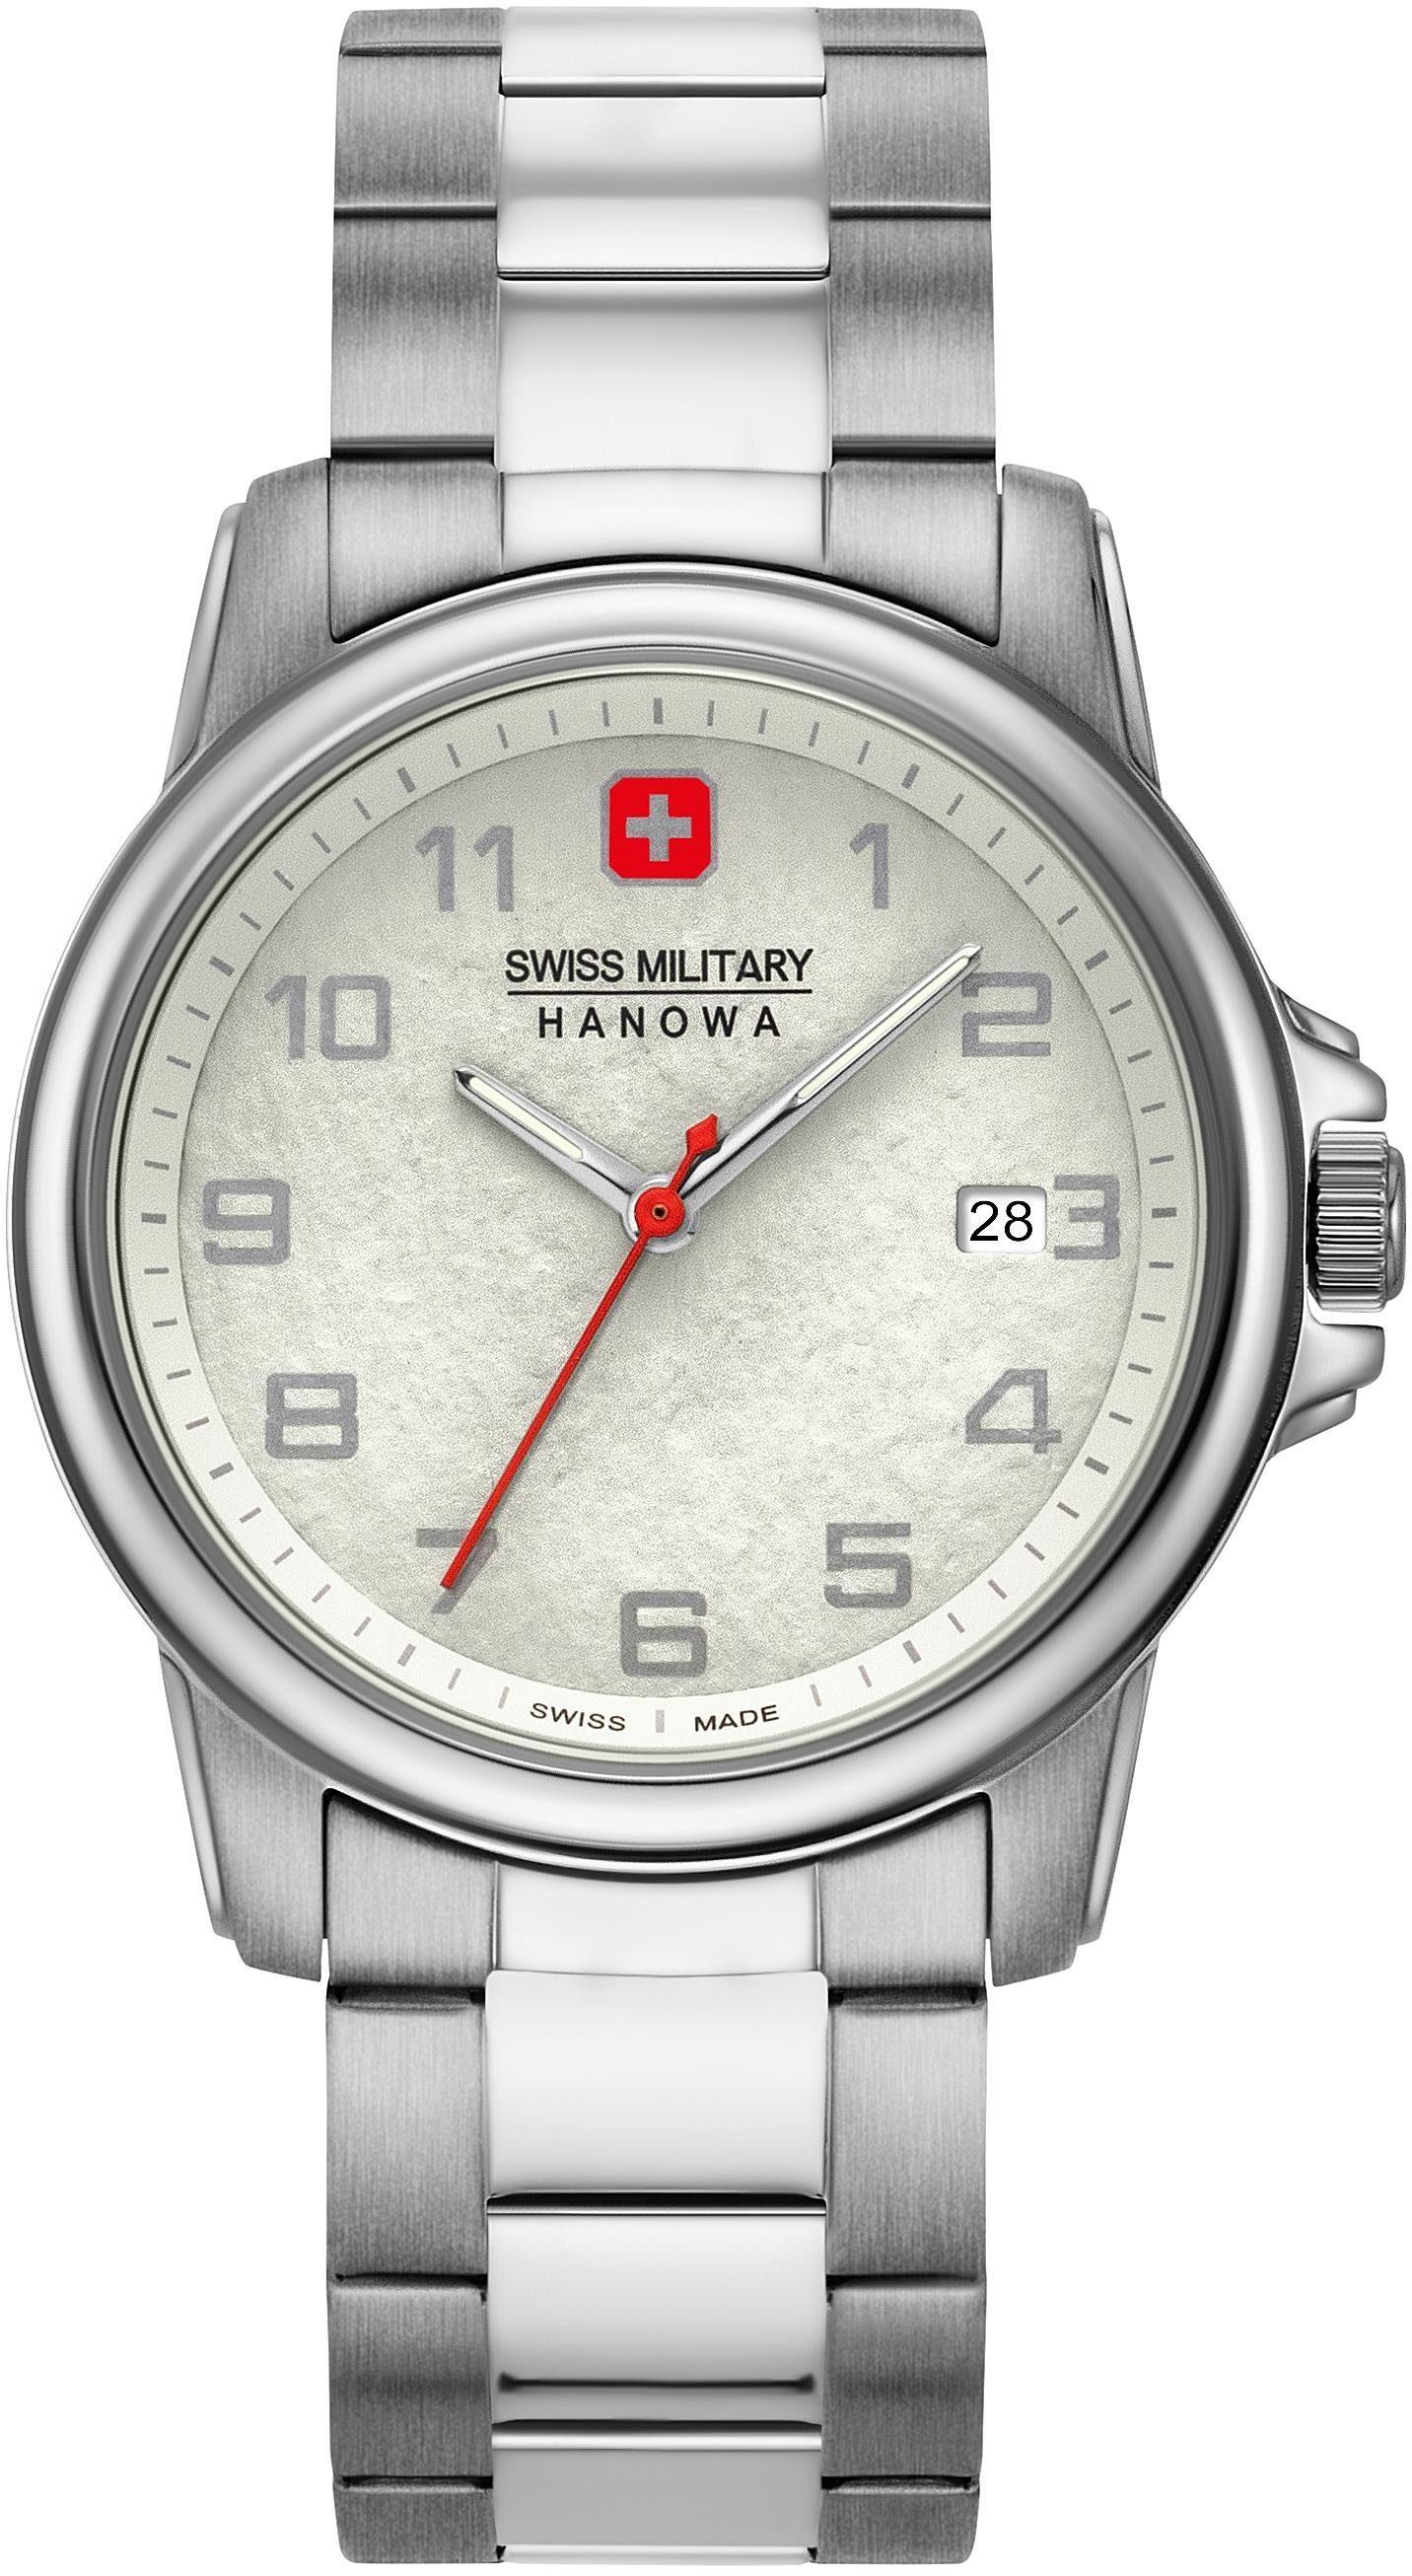 Swiss Military Hanowa Schweizer Uhr SWISS ROCK, 06-5231.7.04.001.10 günstig online kaufen